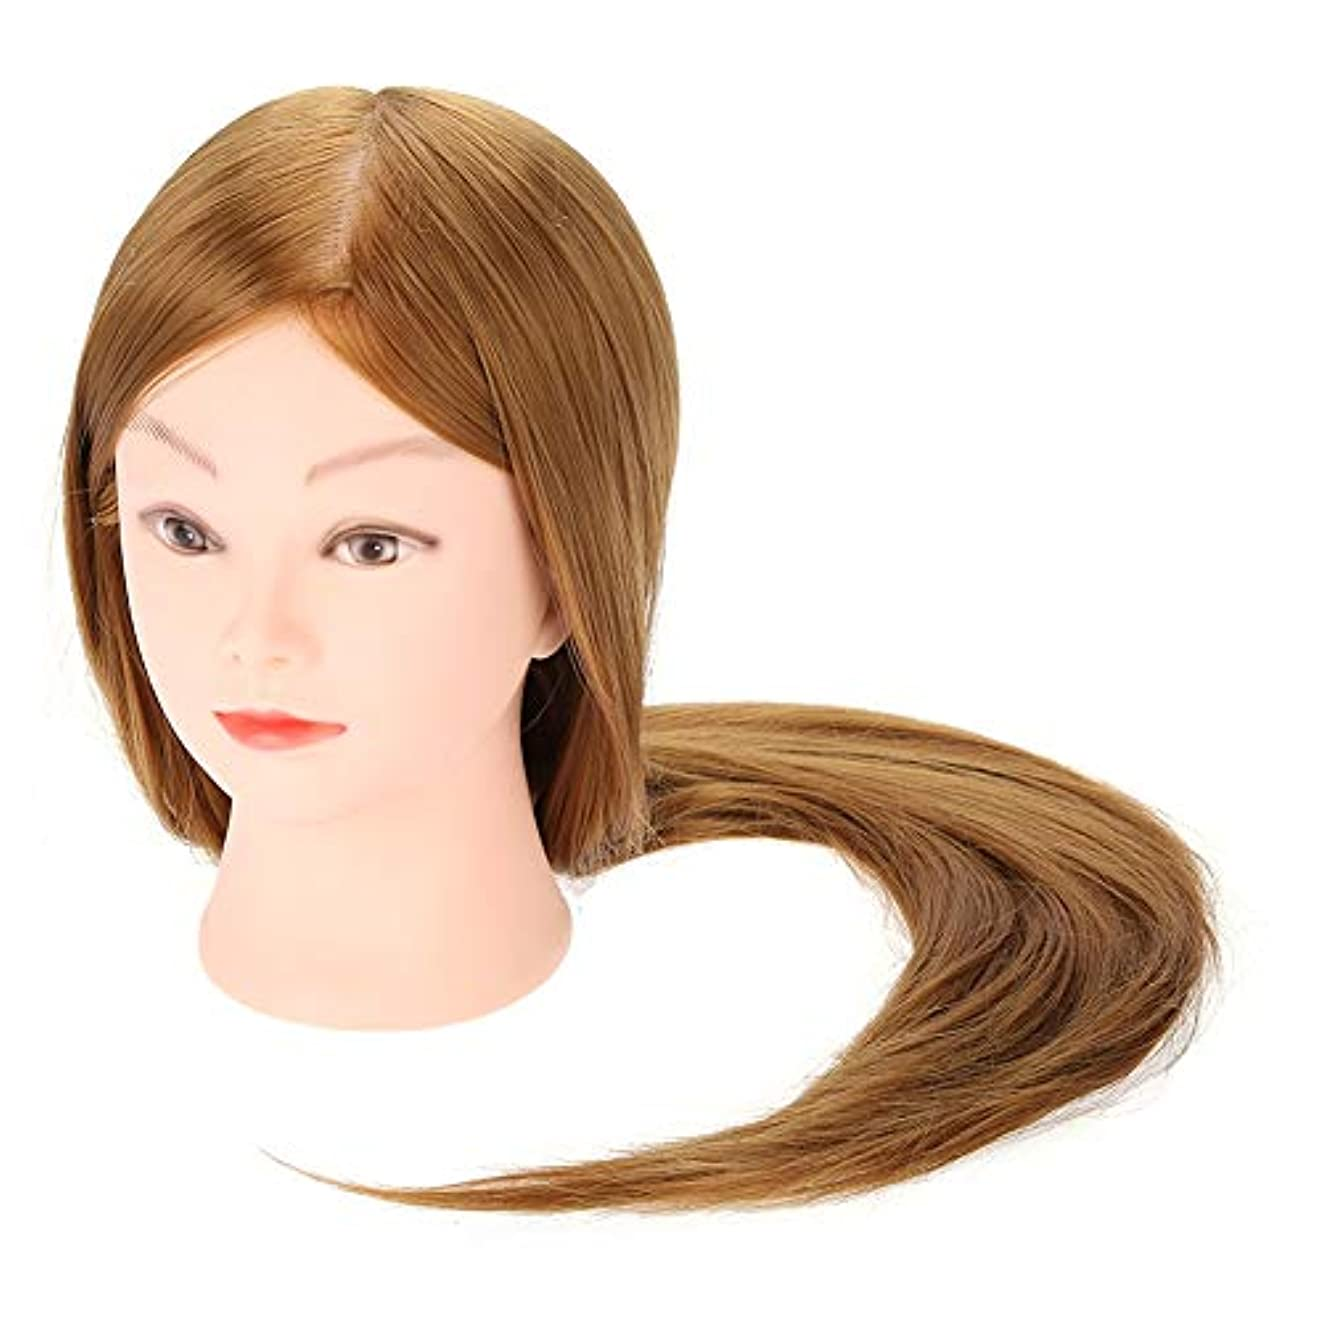 アーサーコナンドイル可能性対人ヘアトレーニングヘッド、 ヘアスタイリング 美容練習用ヘアスタイリングプラクティス ヘアドレッシング かつらマネキン